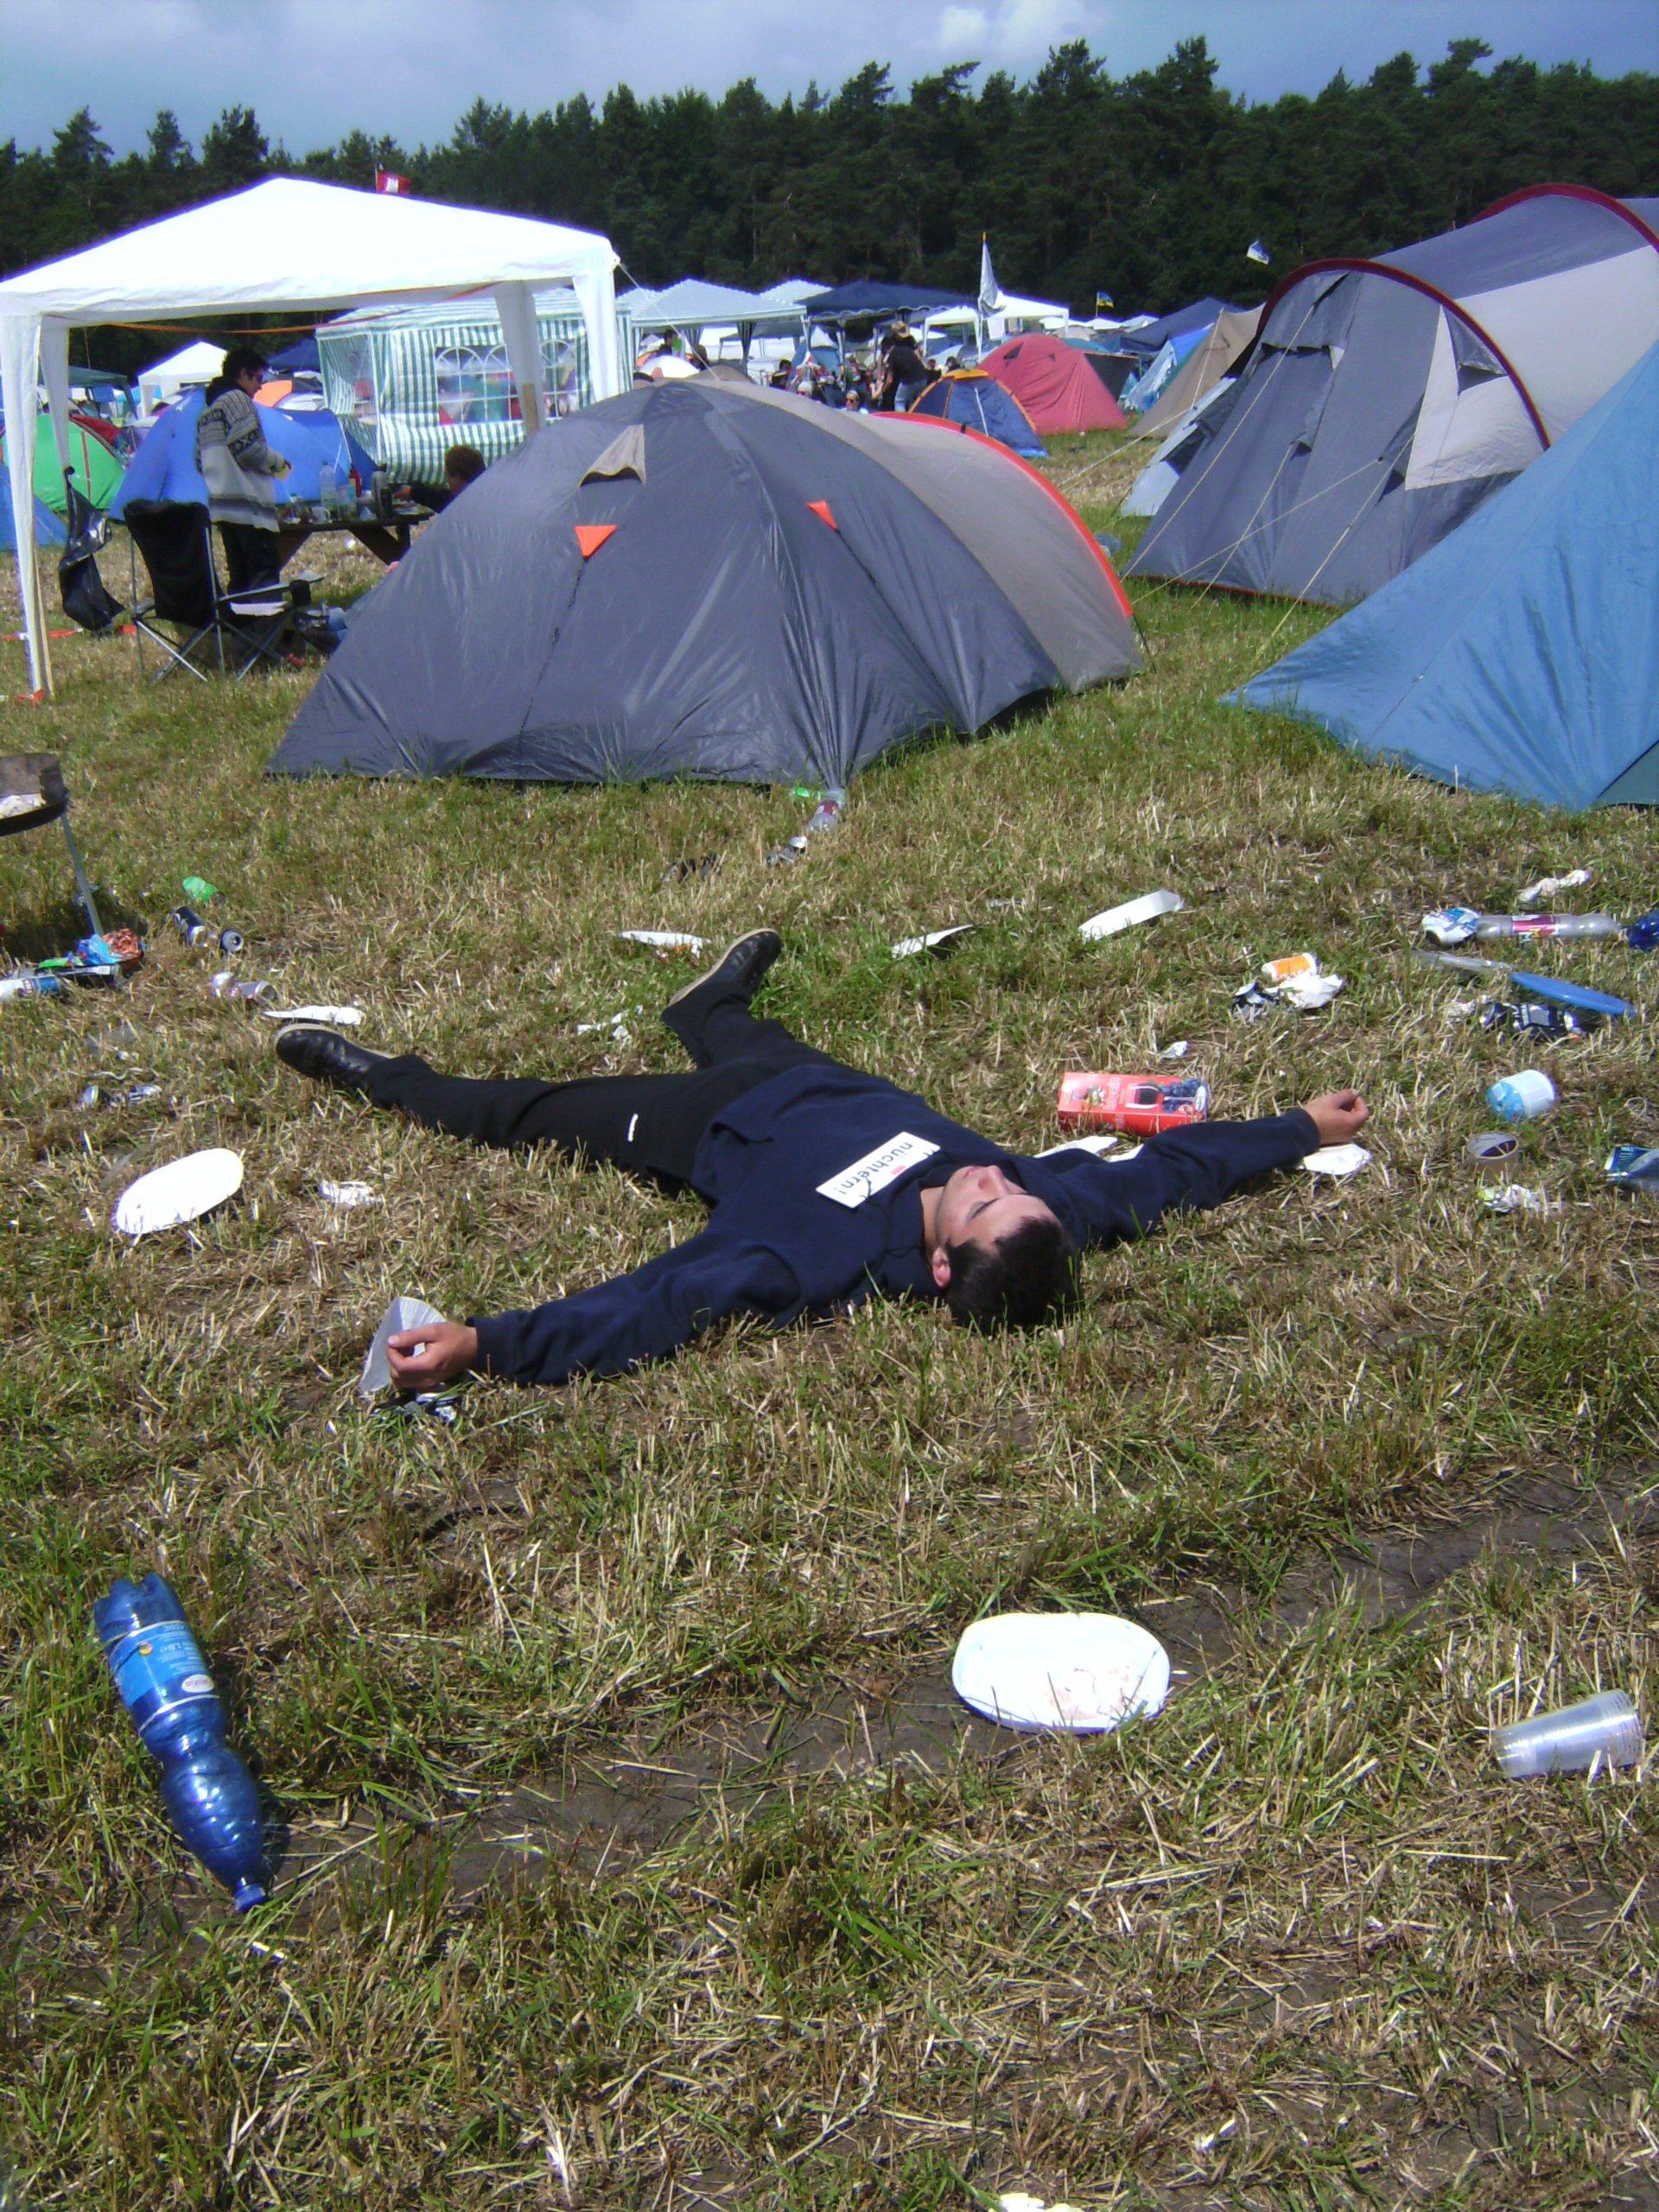 Hurricane, Festival, 2009, Scheeßel, Dreck, Matsch, Regen, Bier, Alkohol, Party, Musik, Konzert, zelten, Camping